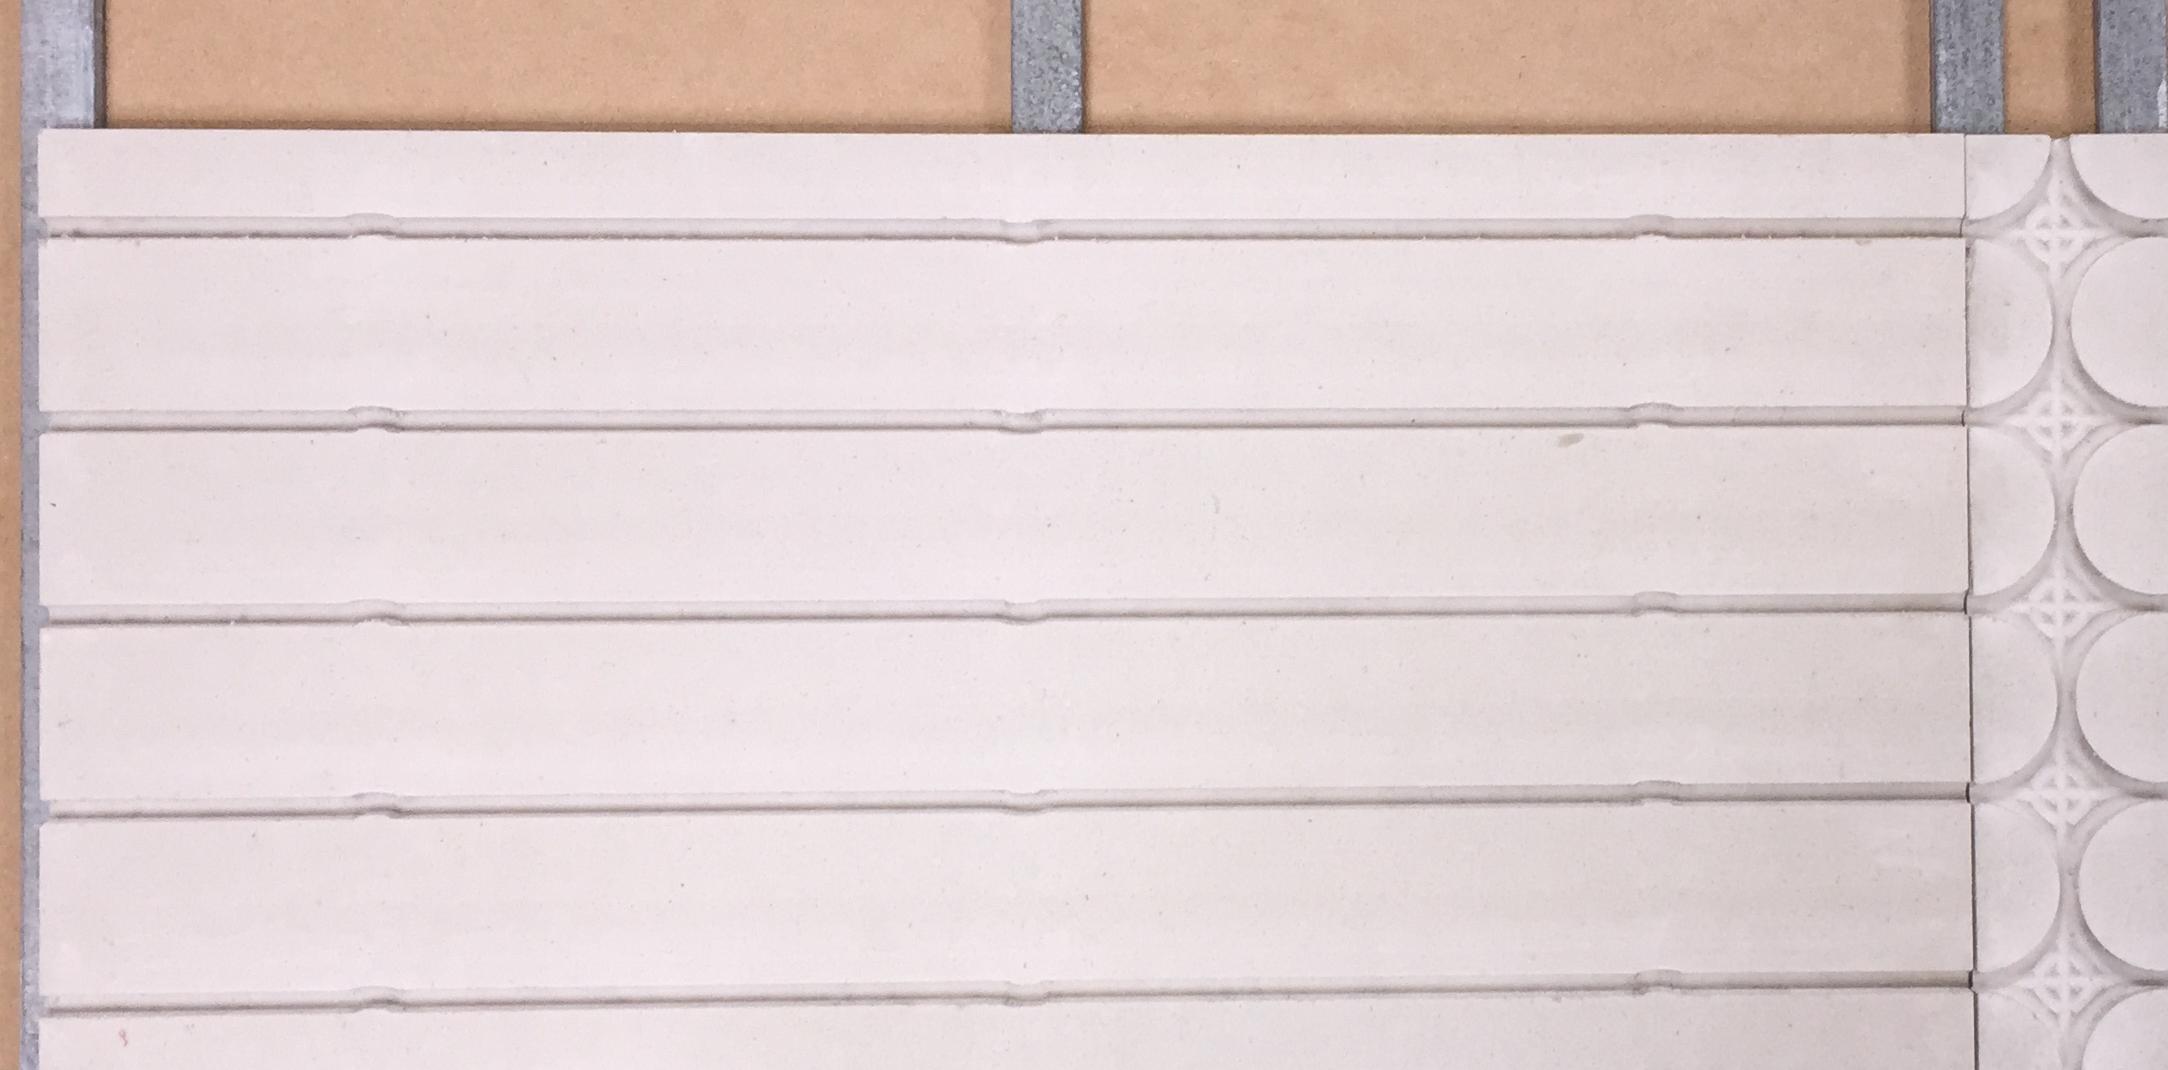 Mur chauffant Caleosol pur Gype sur ossature métallique fourrure pose plaques en horizontal